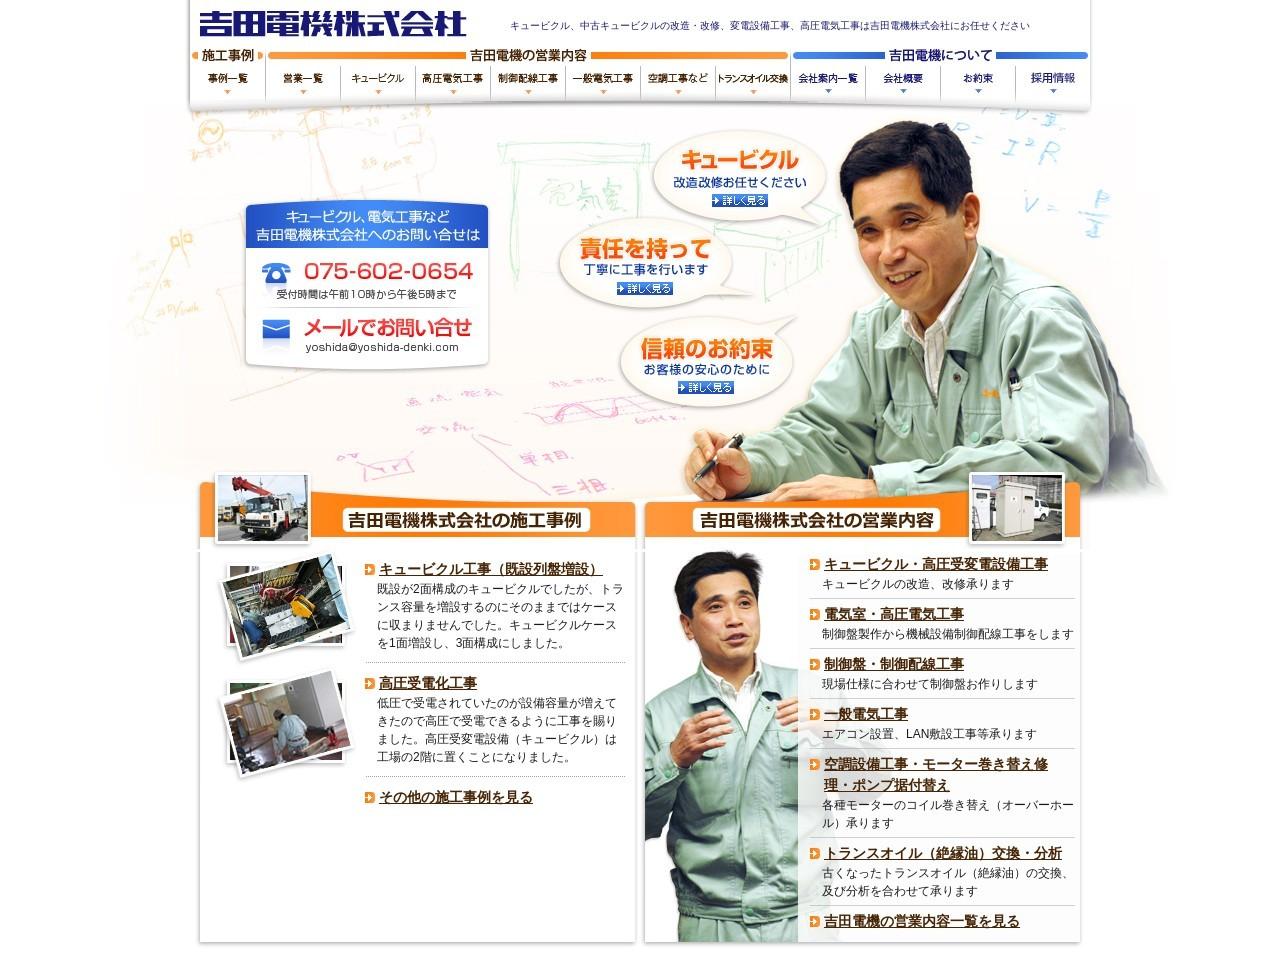 吉田電機株式会社